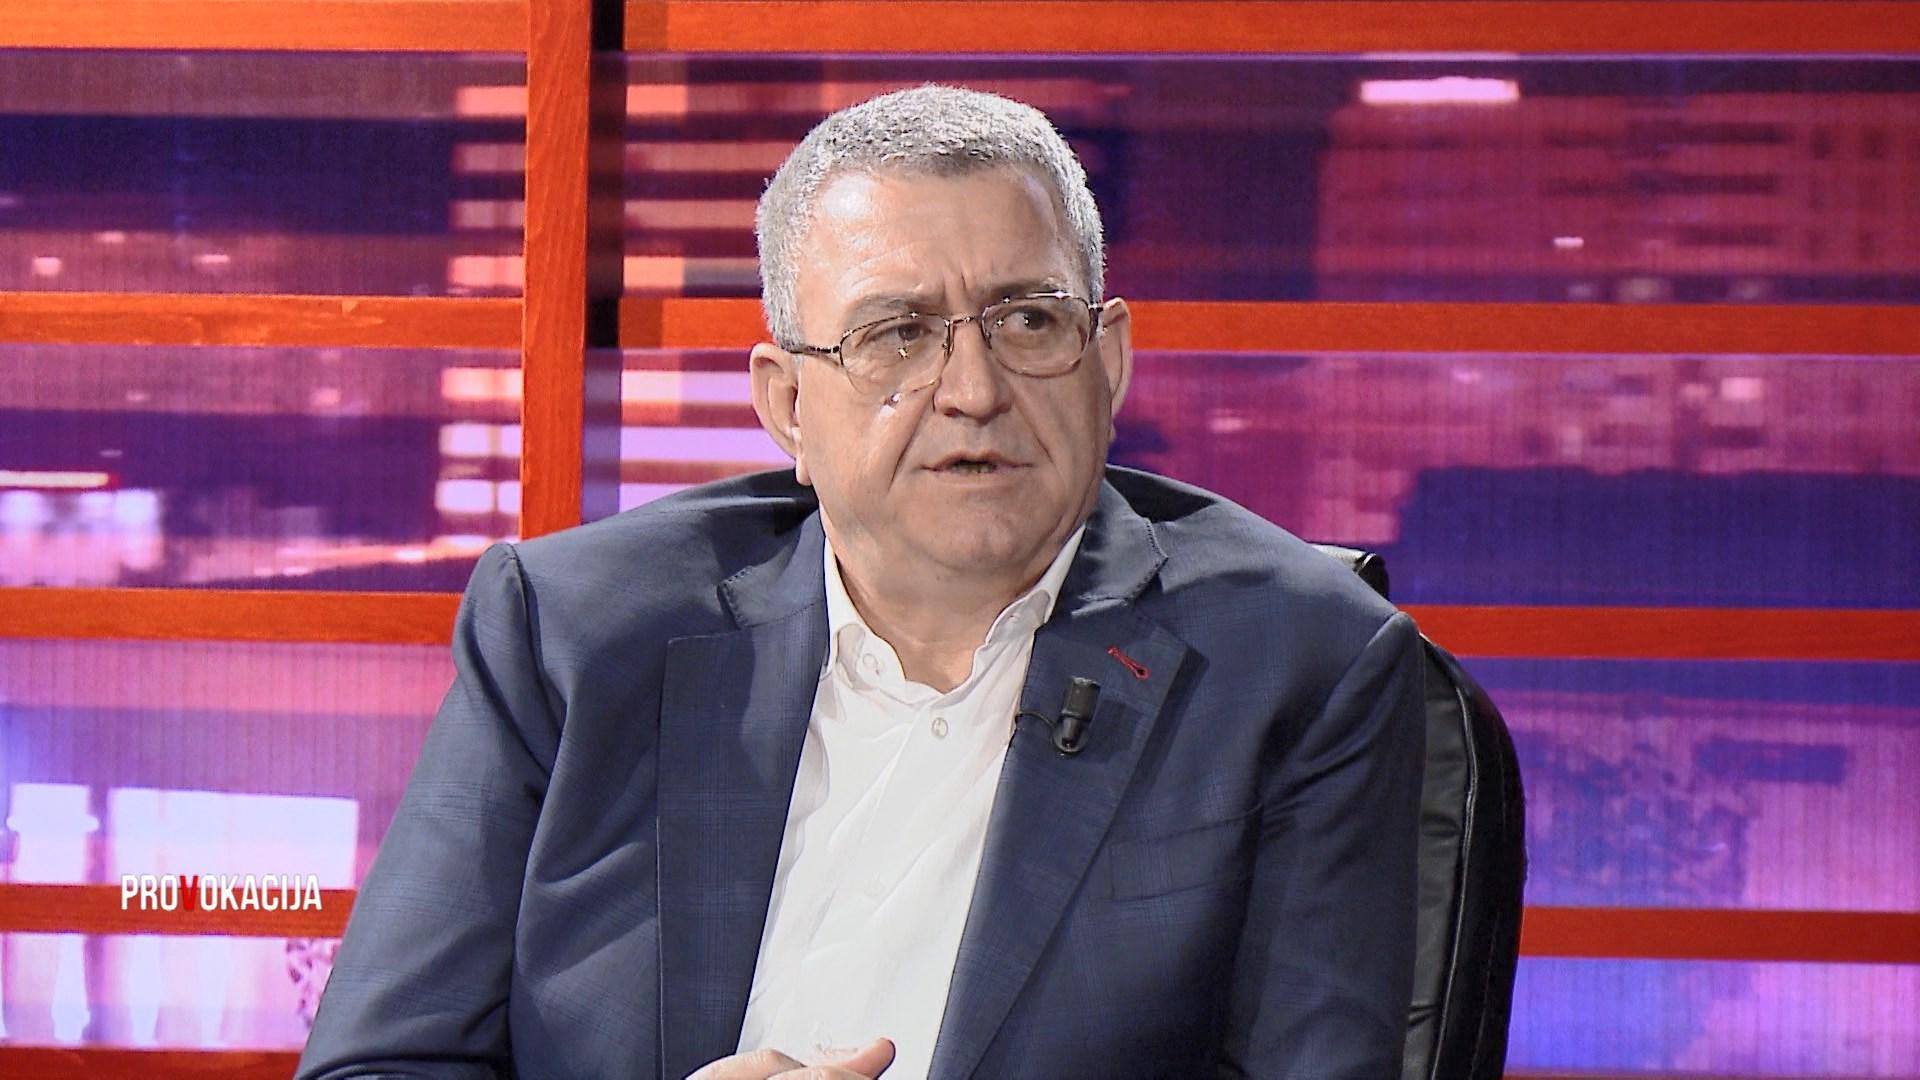 Duka në Provokacija: Në Shqipëri është e vështirë të pranohet rezultati i ndeshjes